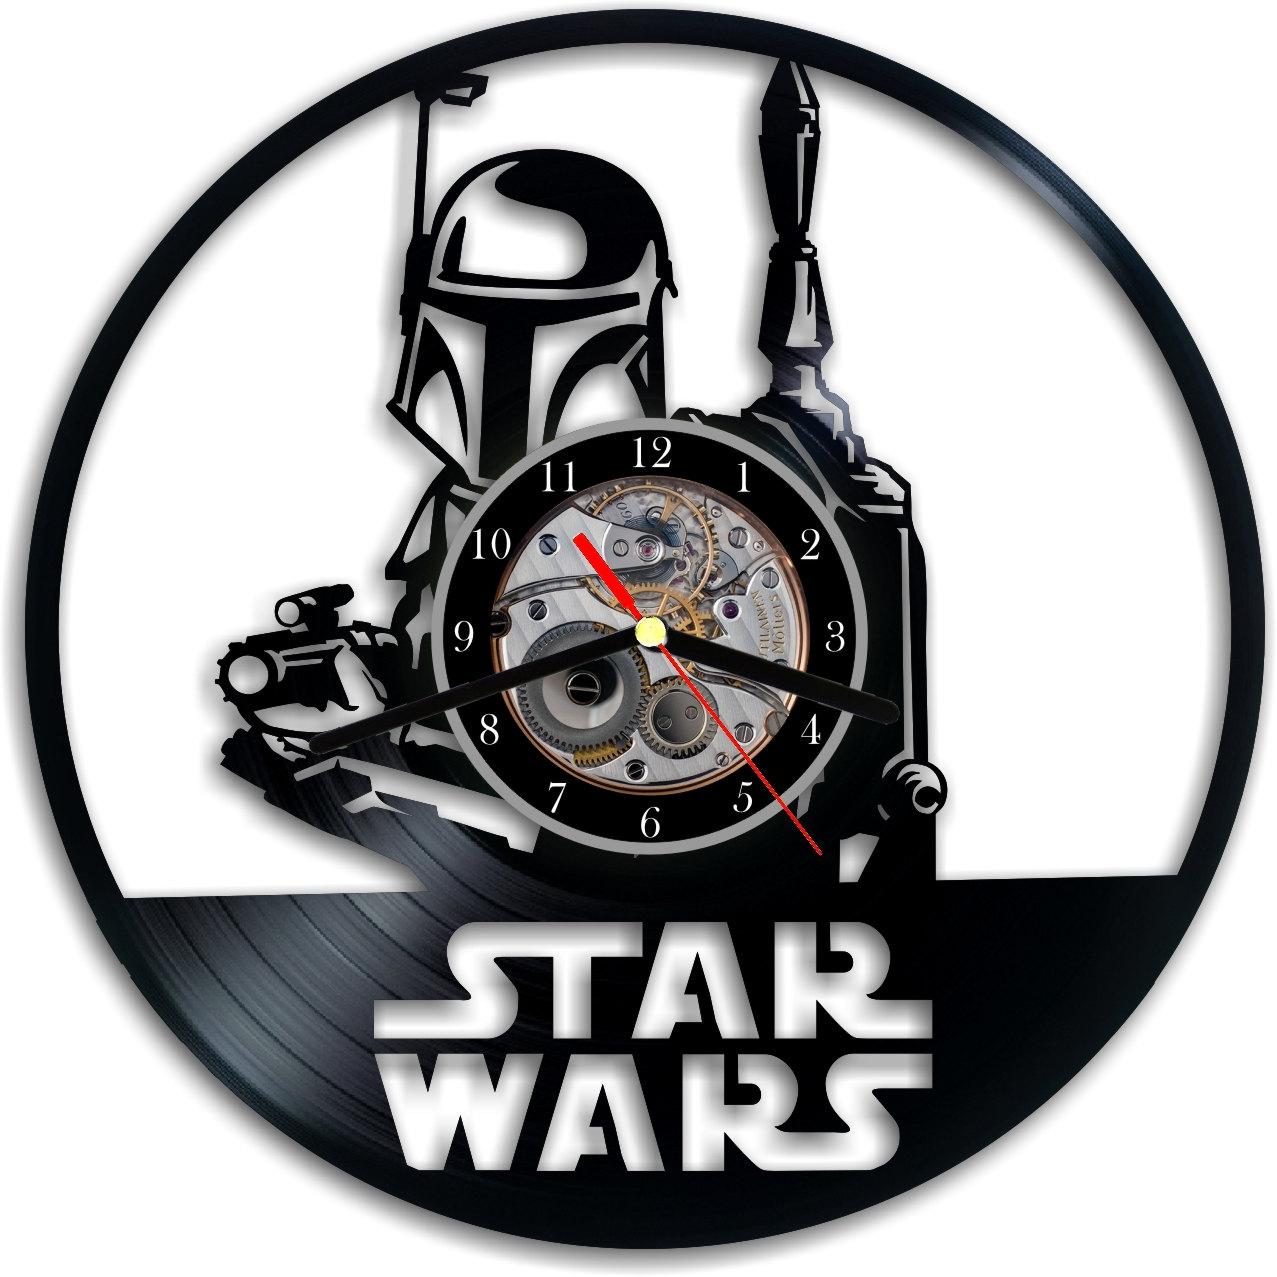 Vinyl Clock Boba Fett Star Wars Vinyl Clock Wall Clock